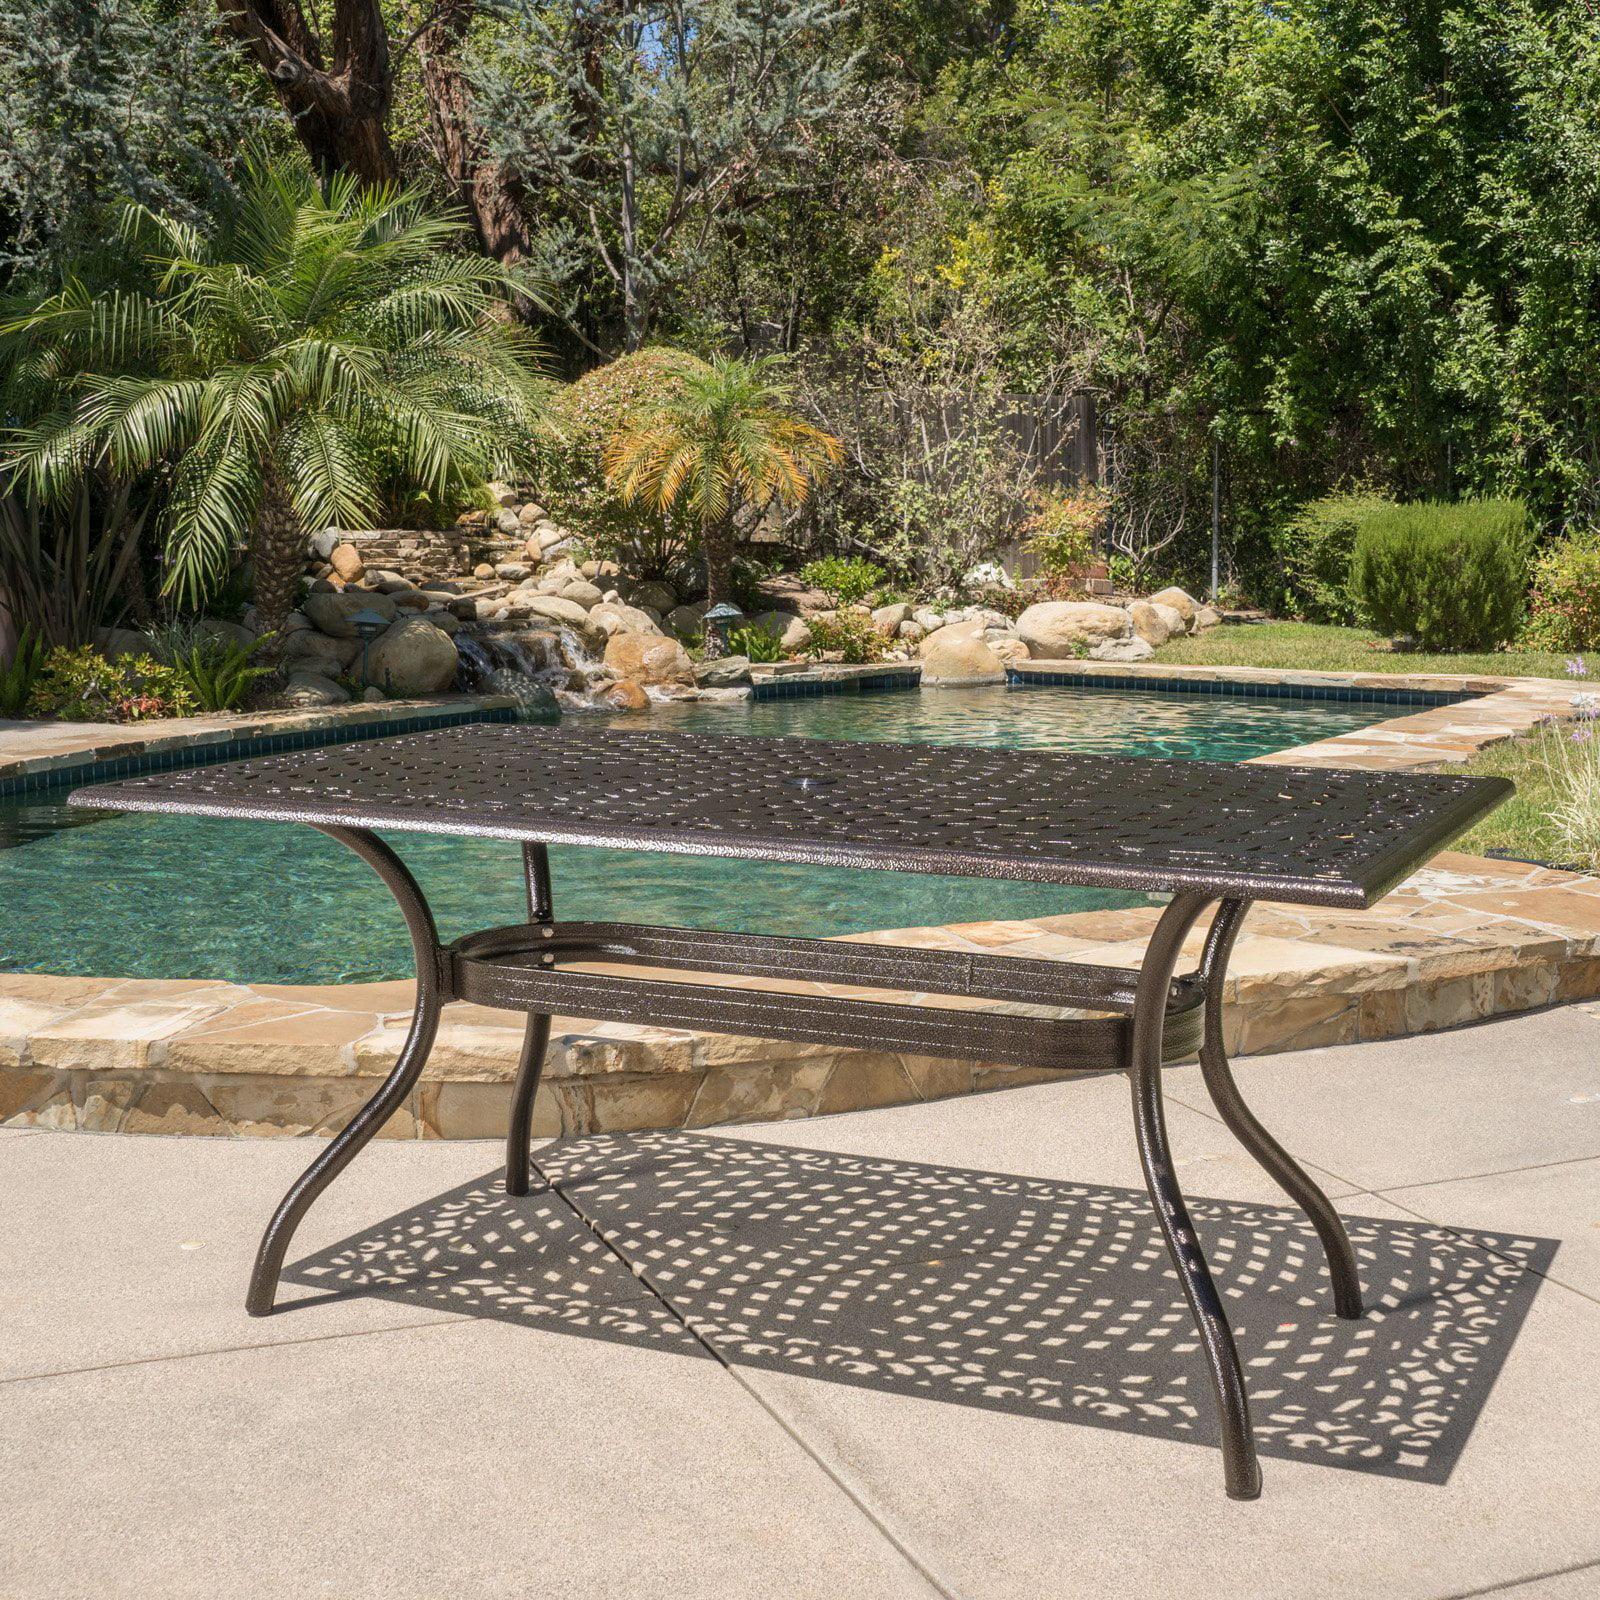 bogota cast aluminum rectangular patio table with hammered bronze finish